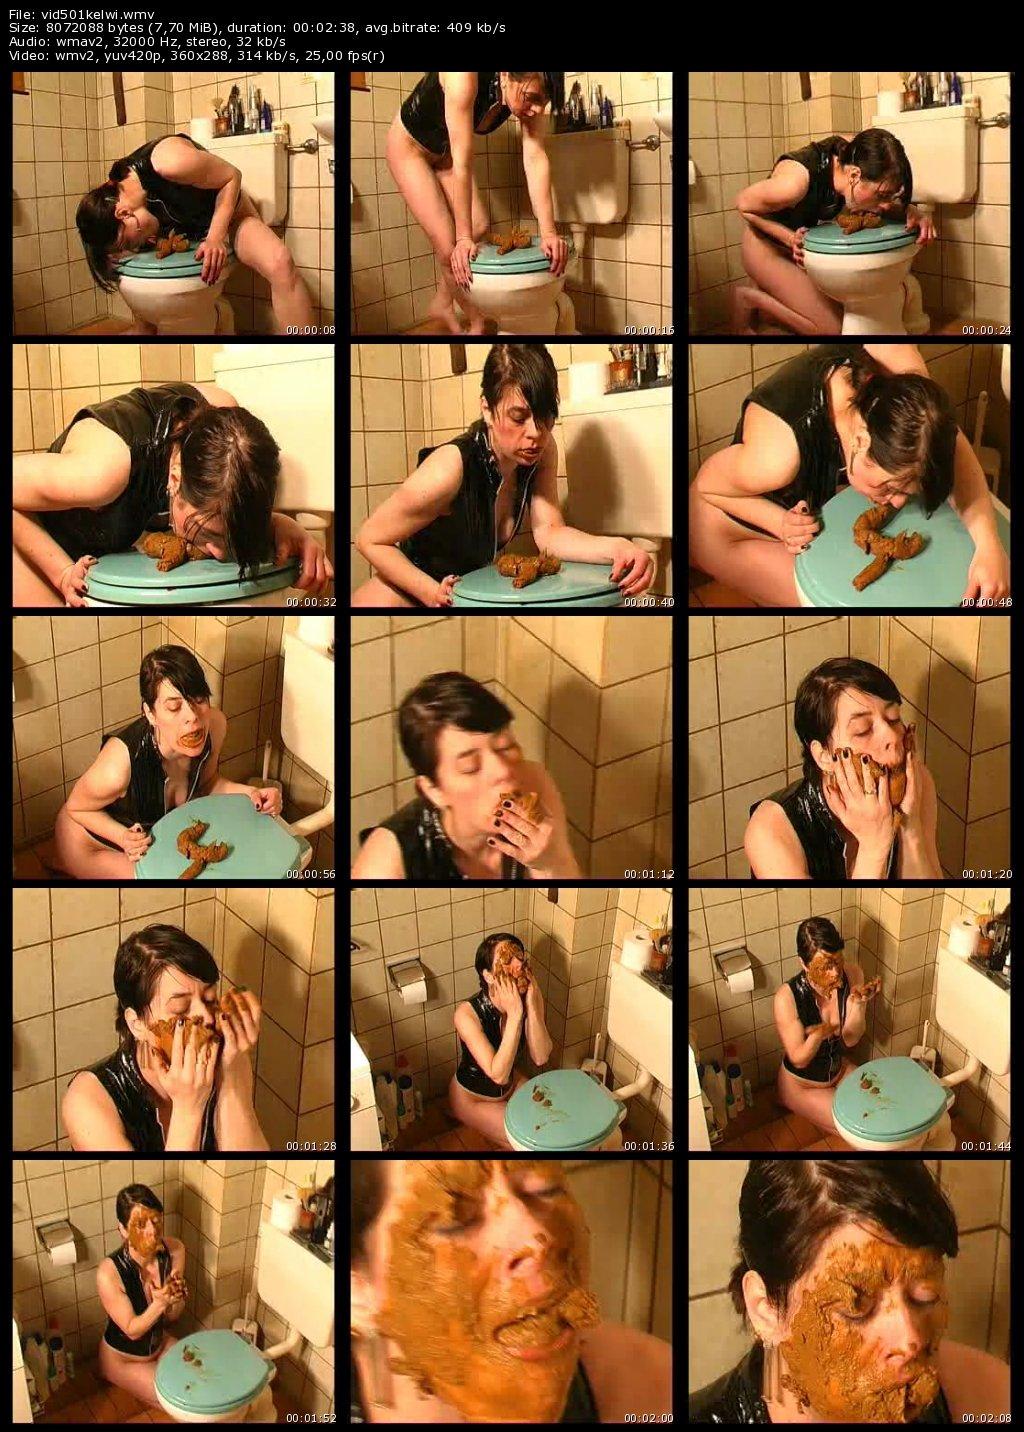 Ingrid Show - Self Copro Eating